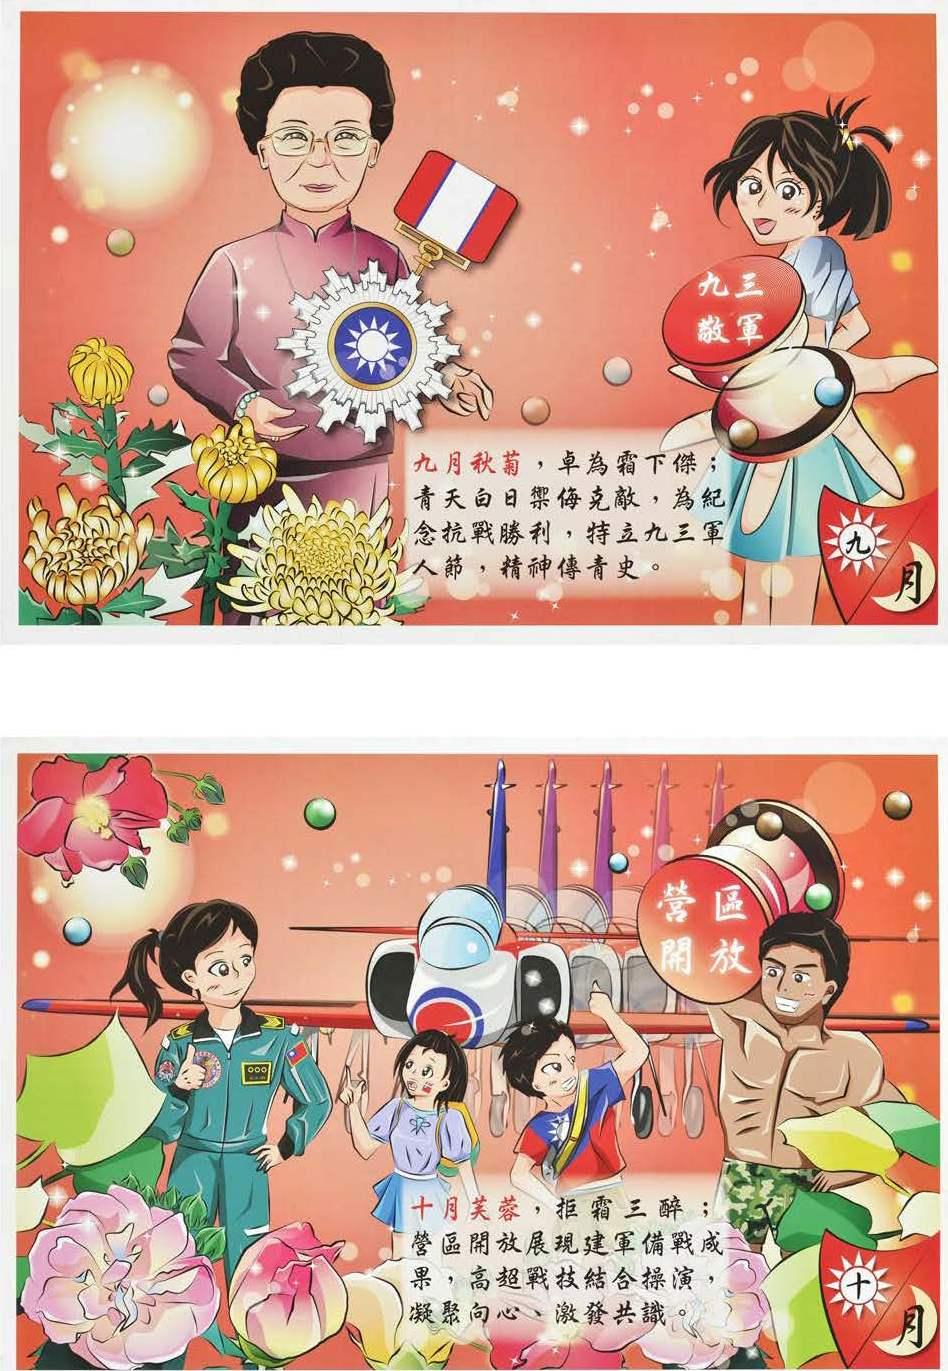 第50屆漫畫類銅像獎作品_傳承‧花月令6_蘇元津.jpg